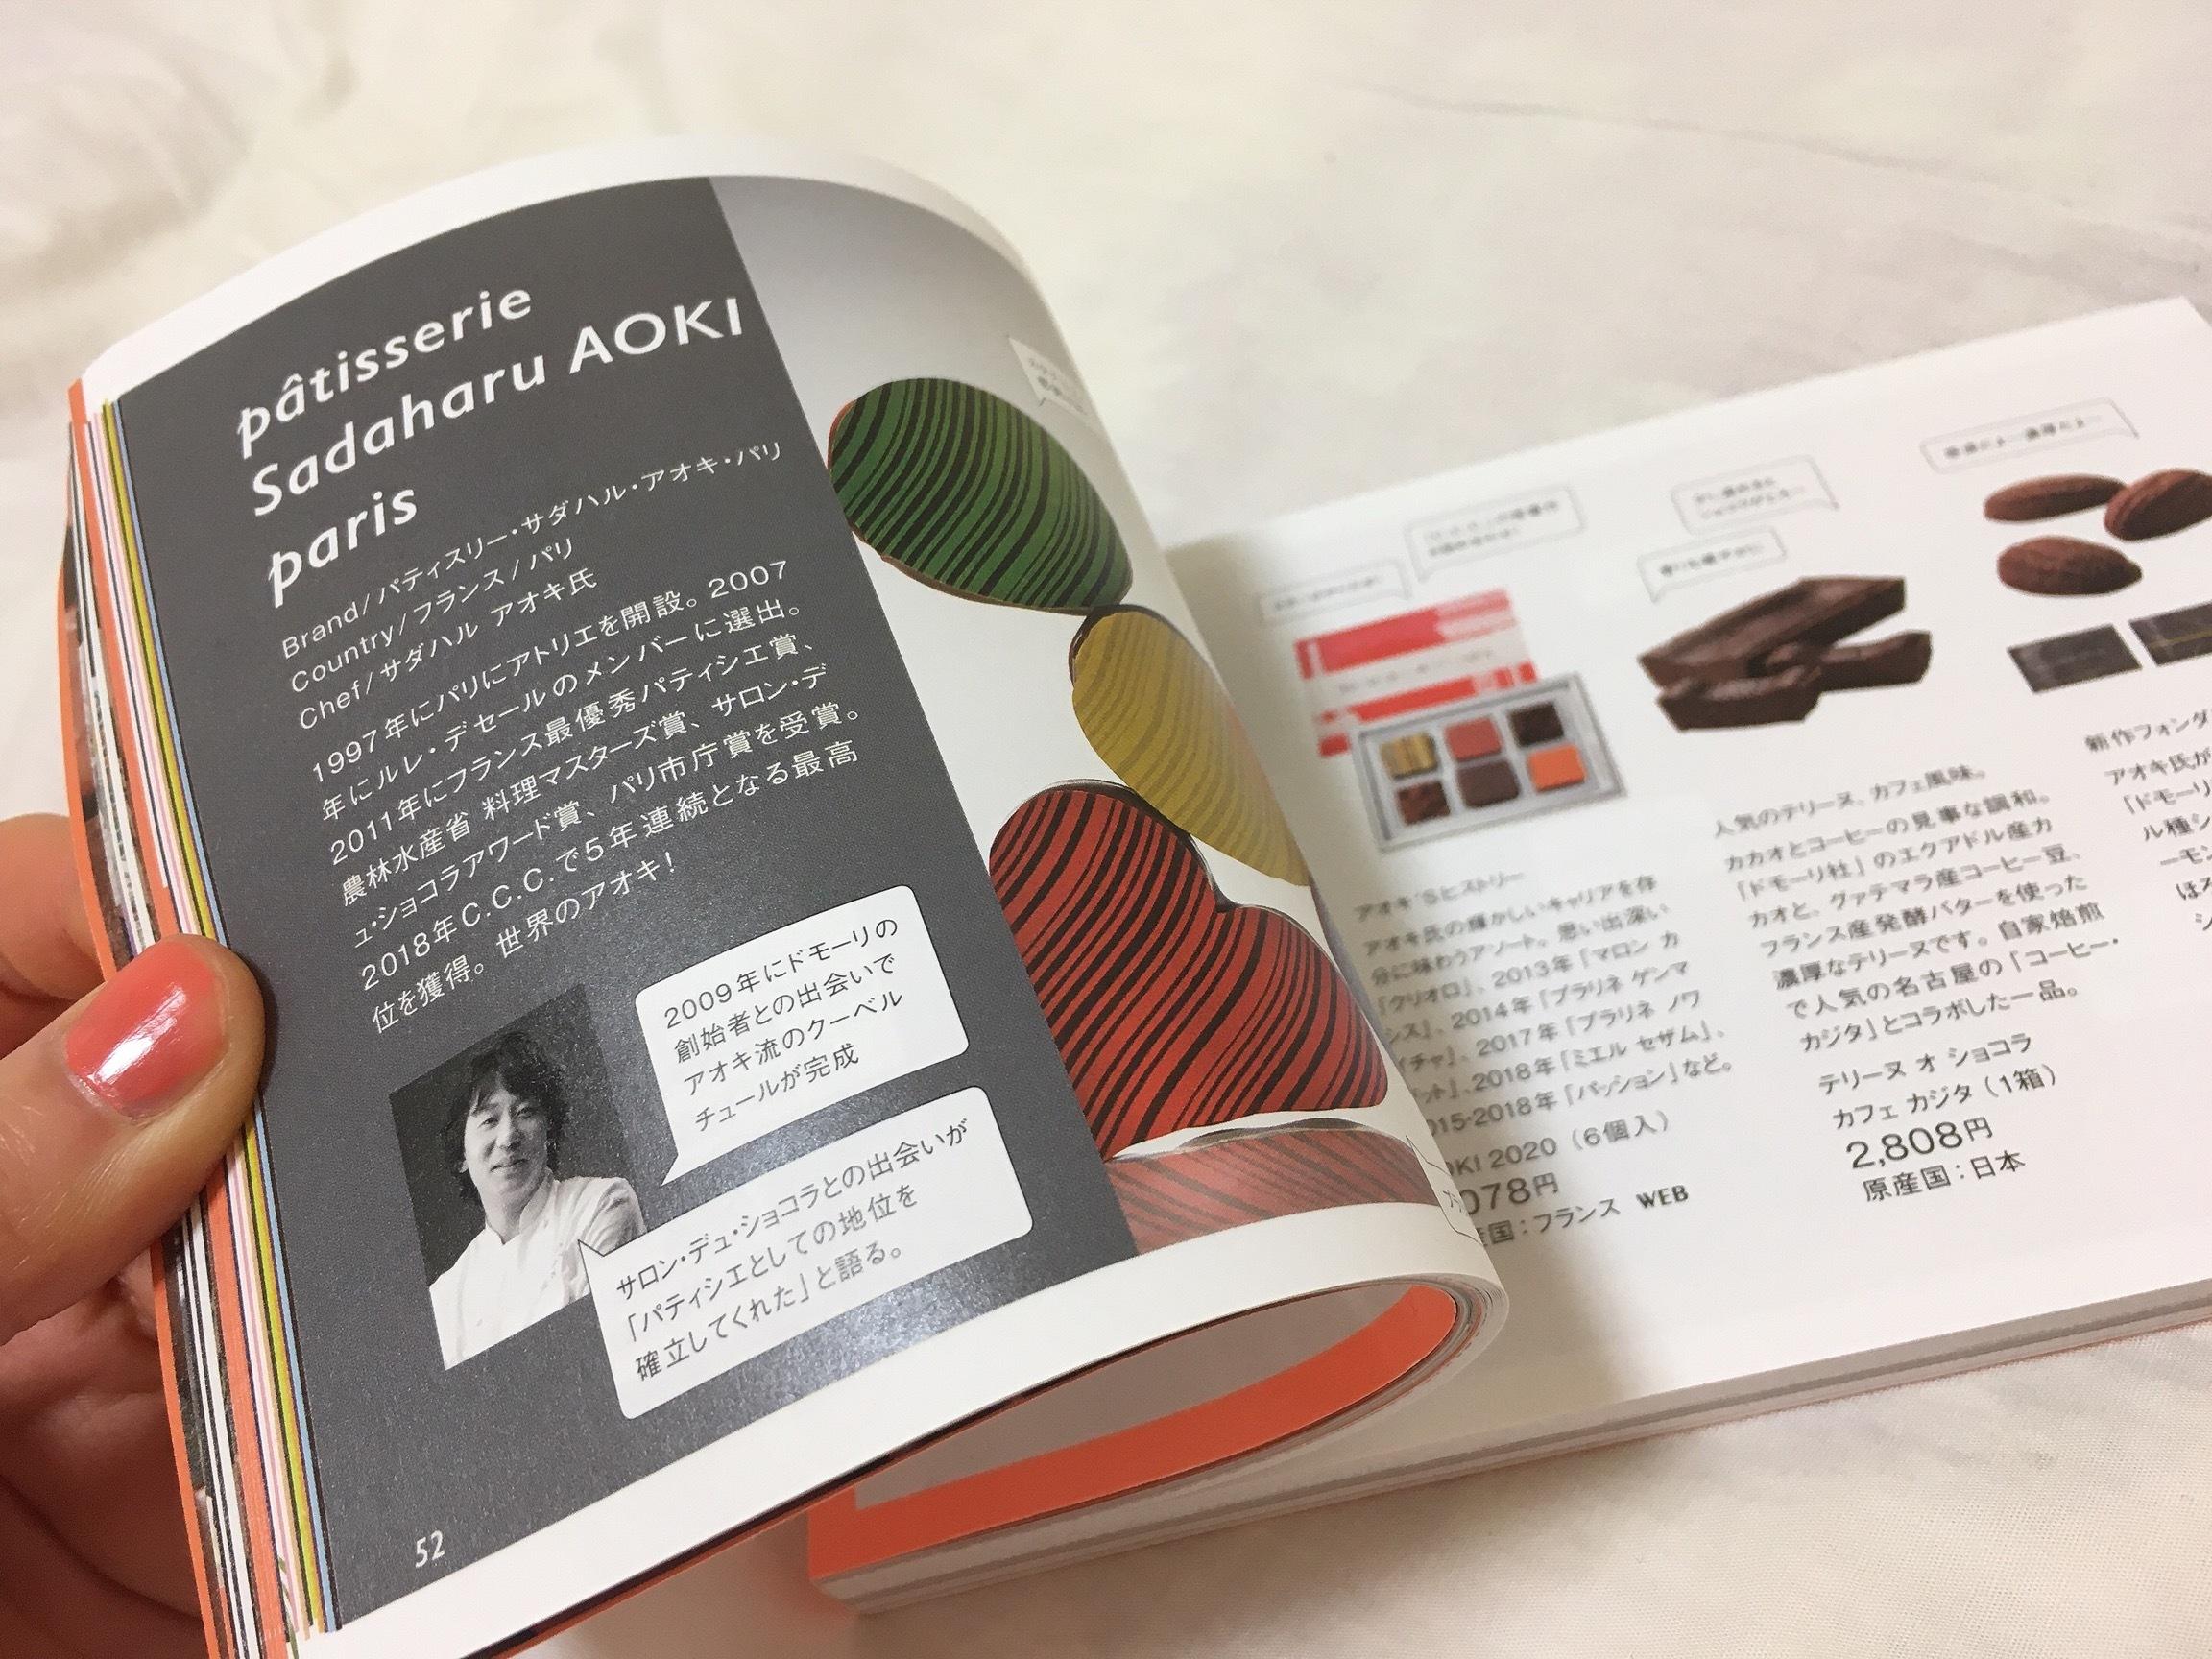 日本1のチョコレートの祭典【サロンデュショコラ】内部の様子を潜入&解説!_1_6-2